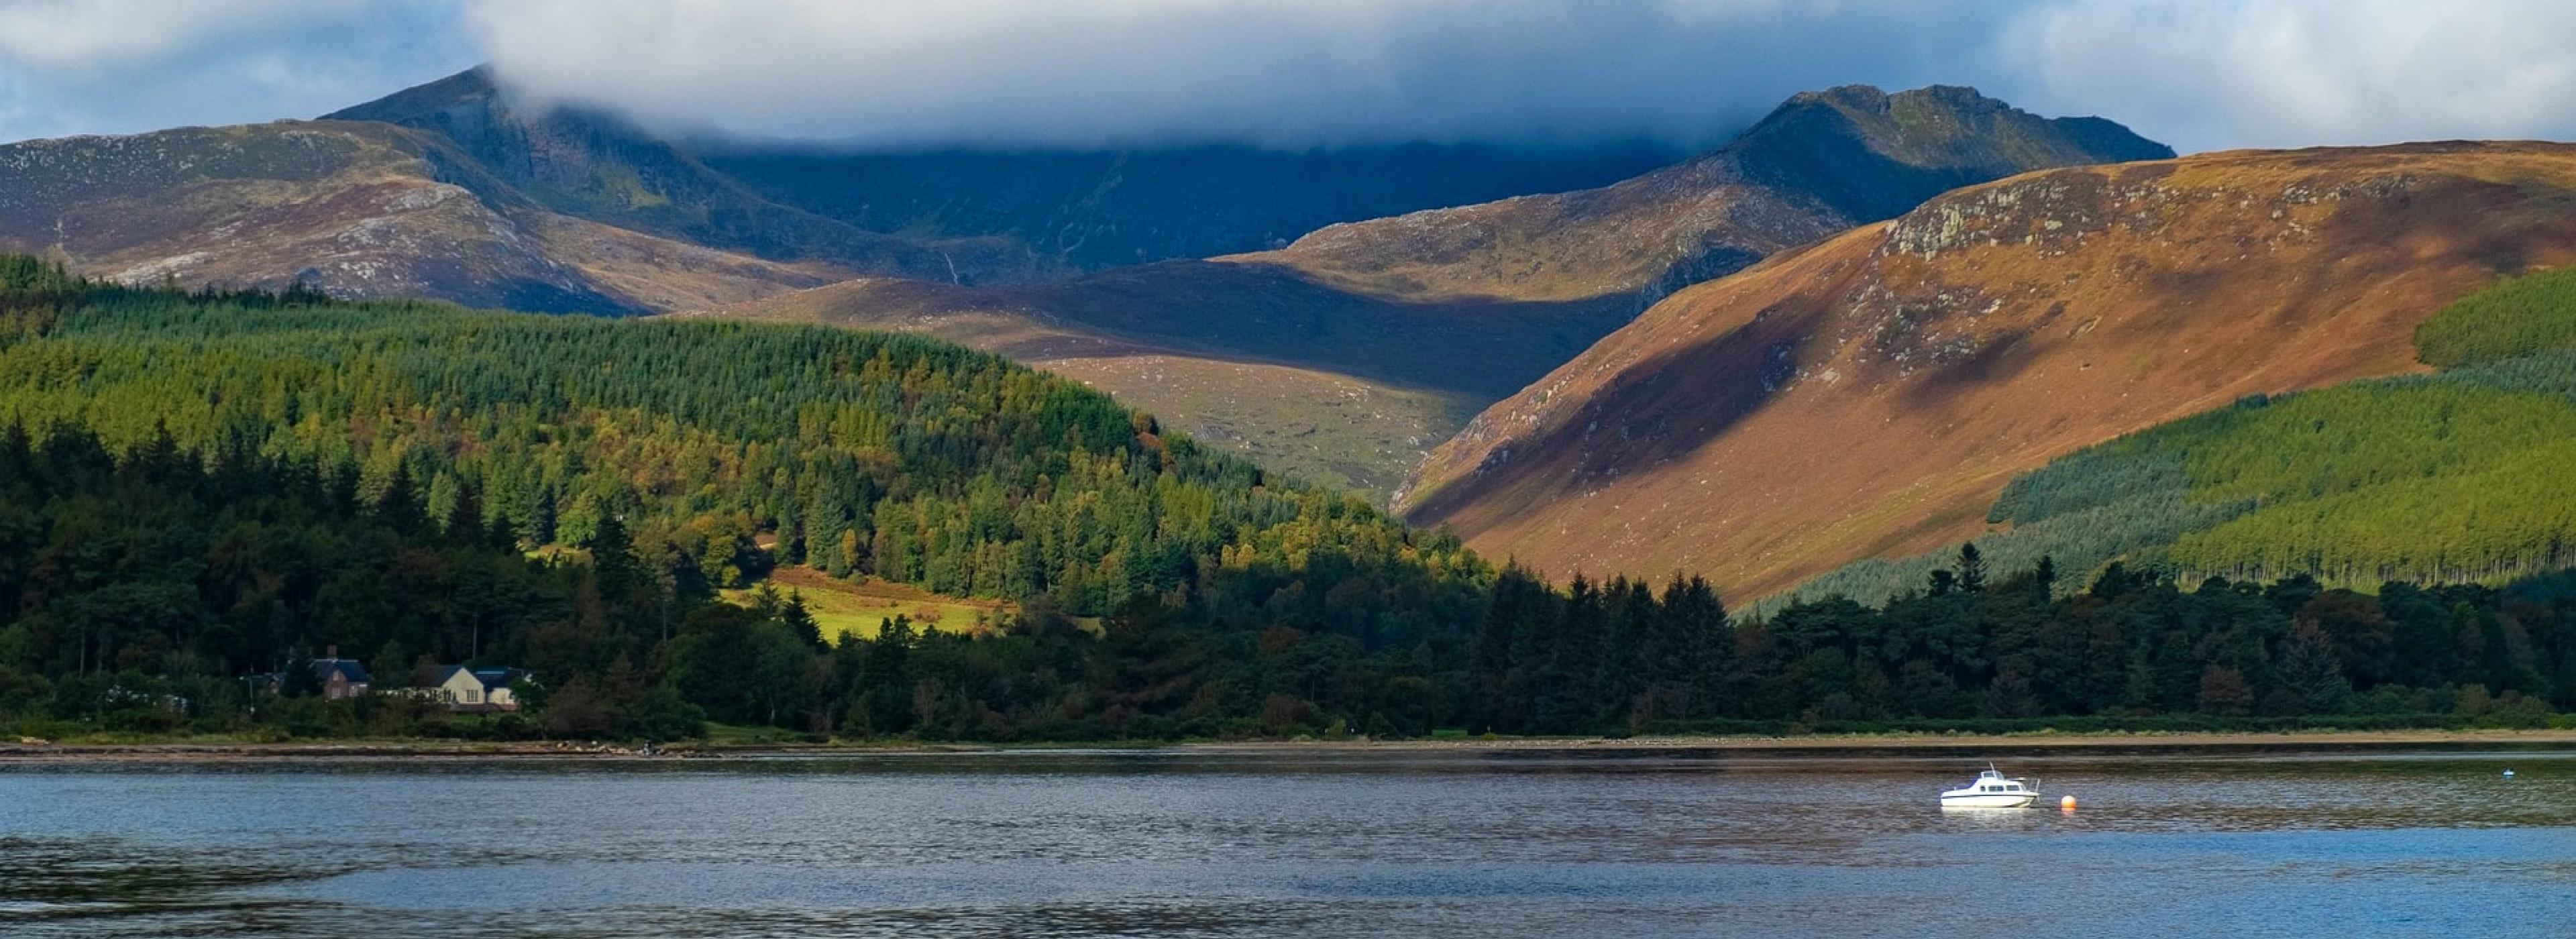 Isle of Arran, Scotland, UK